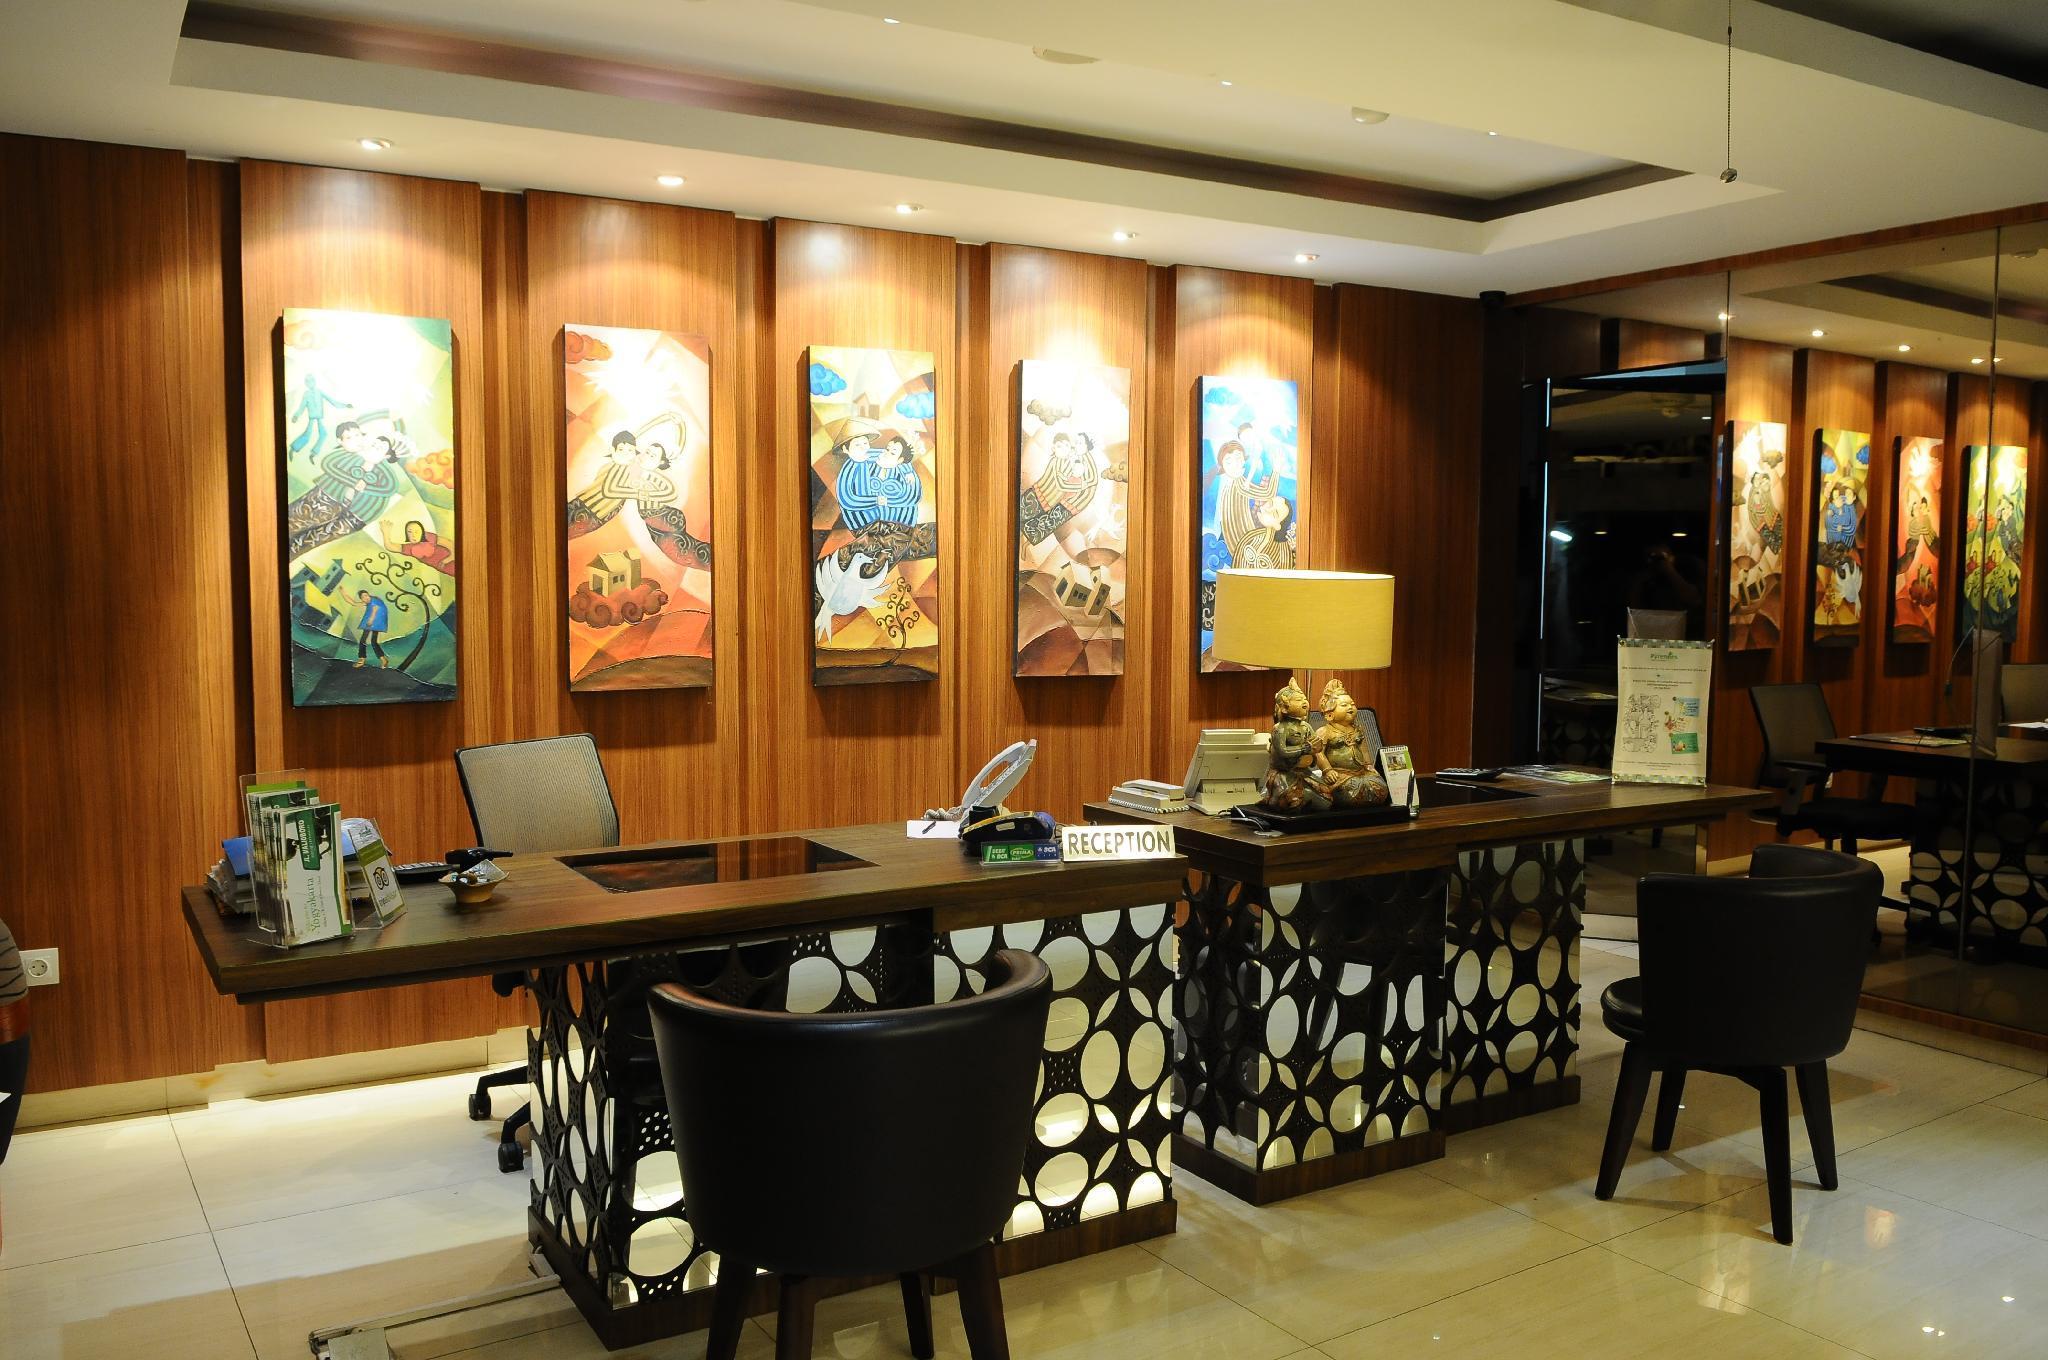 pyrenees jogja hotel pusat kota yogyakarta yogyakarta mulai dari rh agoda com